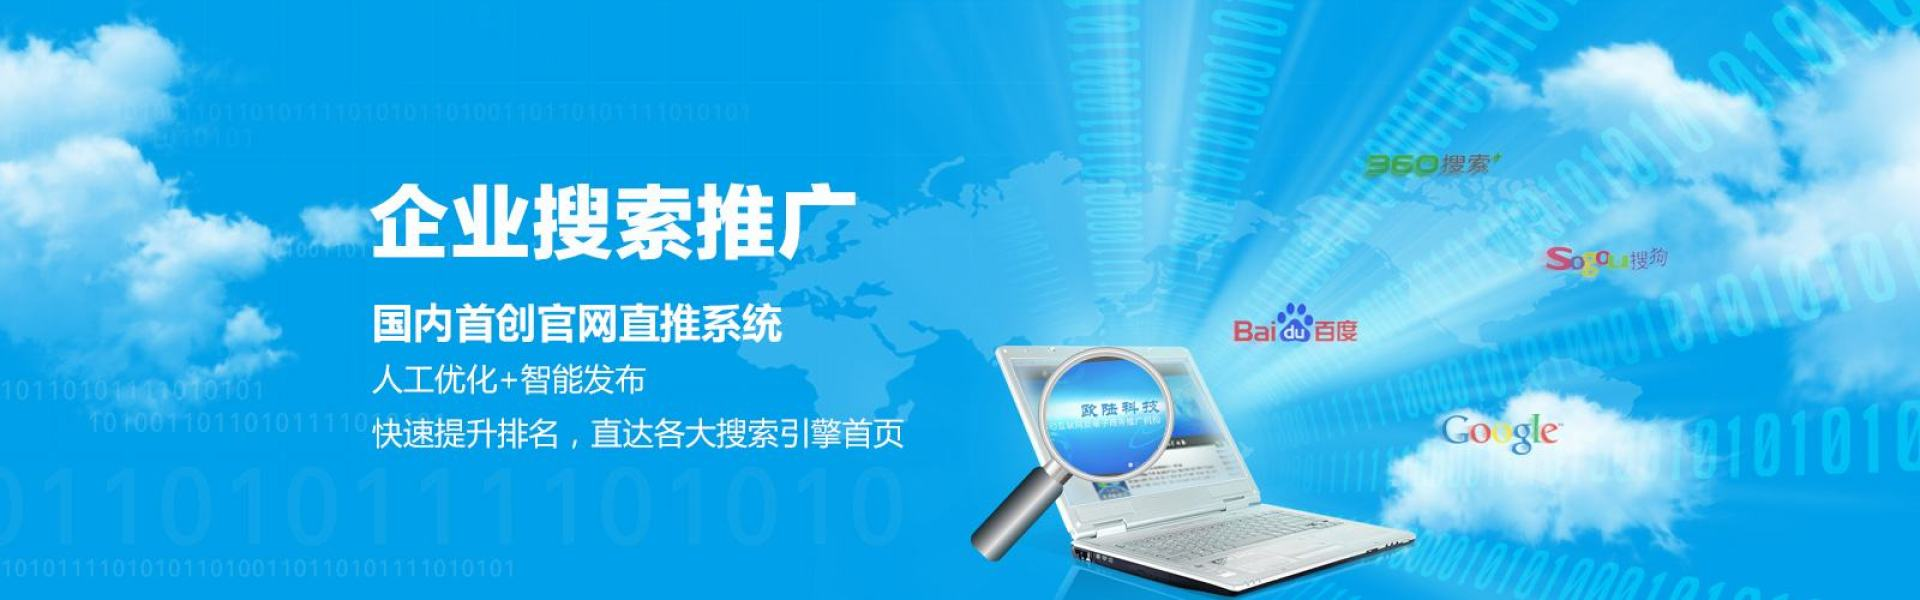 惠州网络推广|惠州小程序开发|惠州网络公司|惠州网站建设推广找百优智友